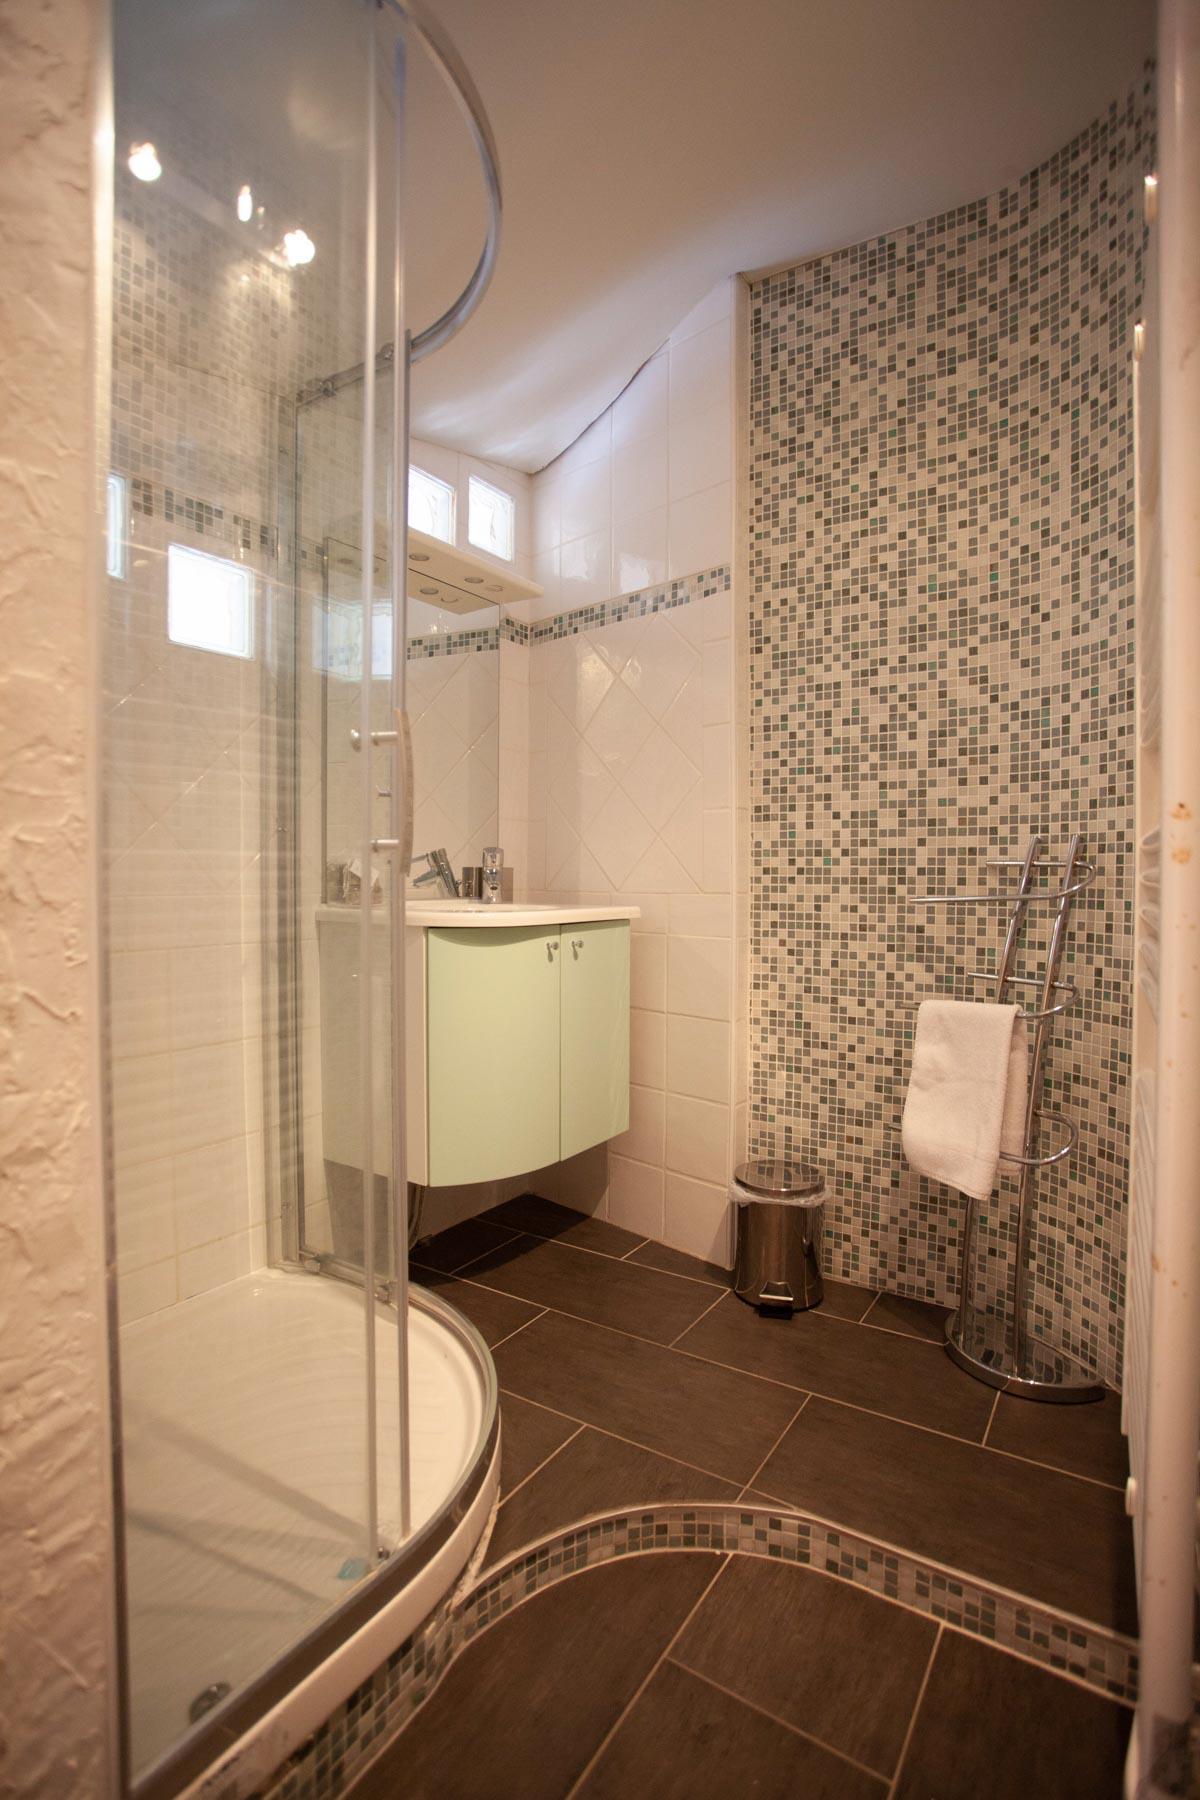 Avoriaz Appt 1954 Shower Room